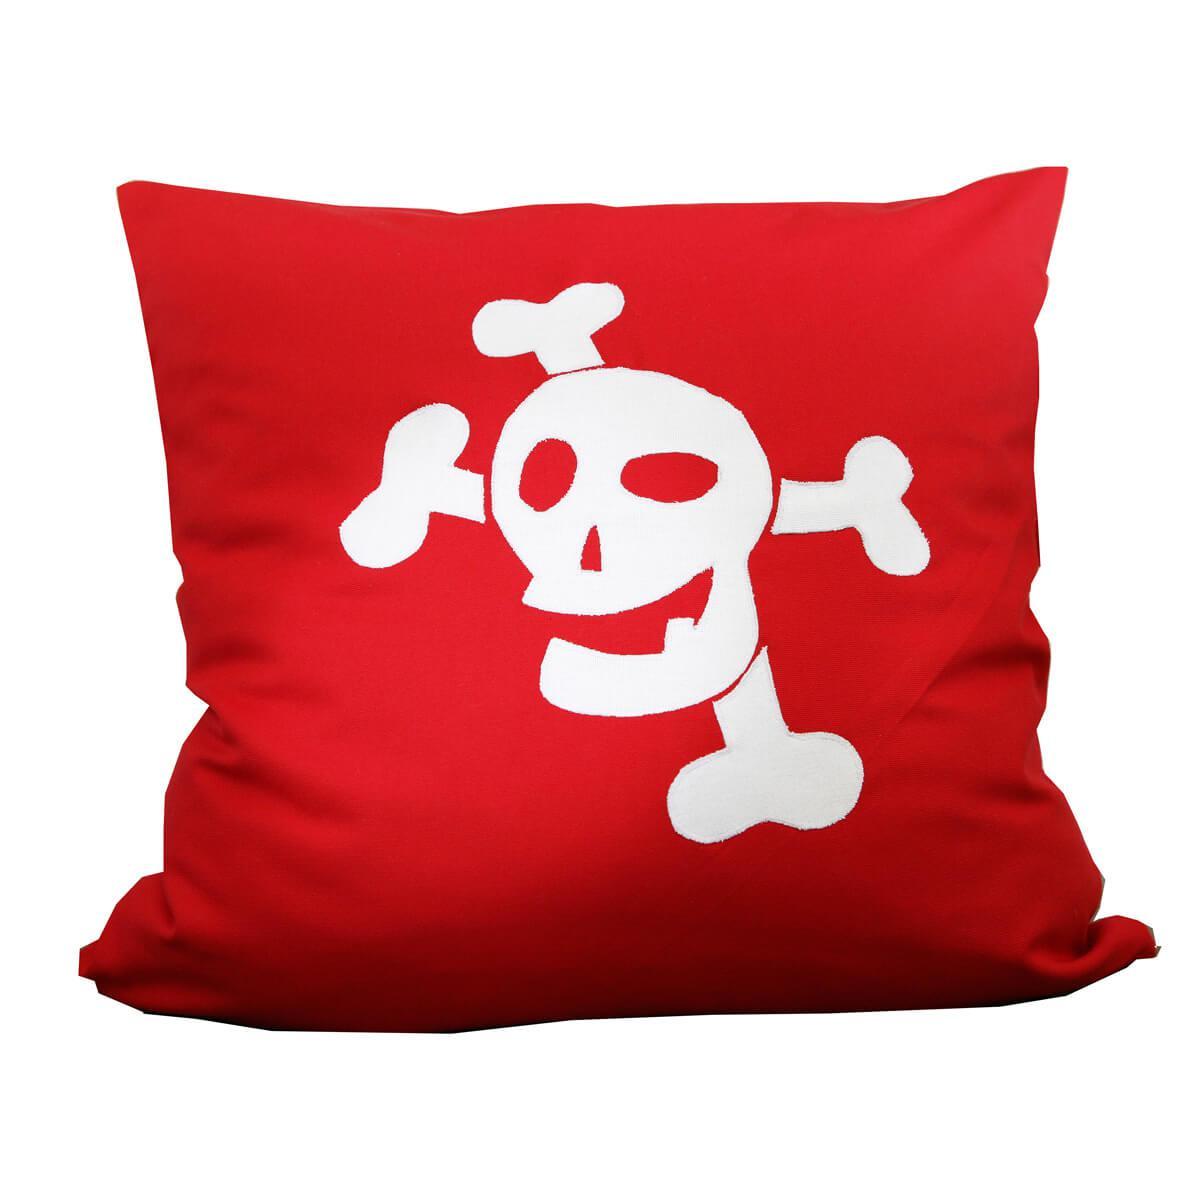 Kissen Pirat DELUXE De Breuyn 60x60cm rot